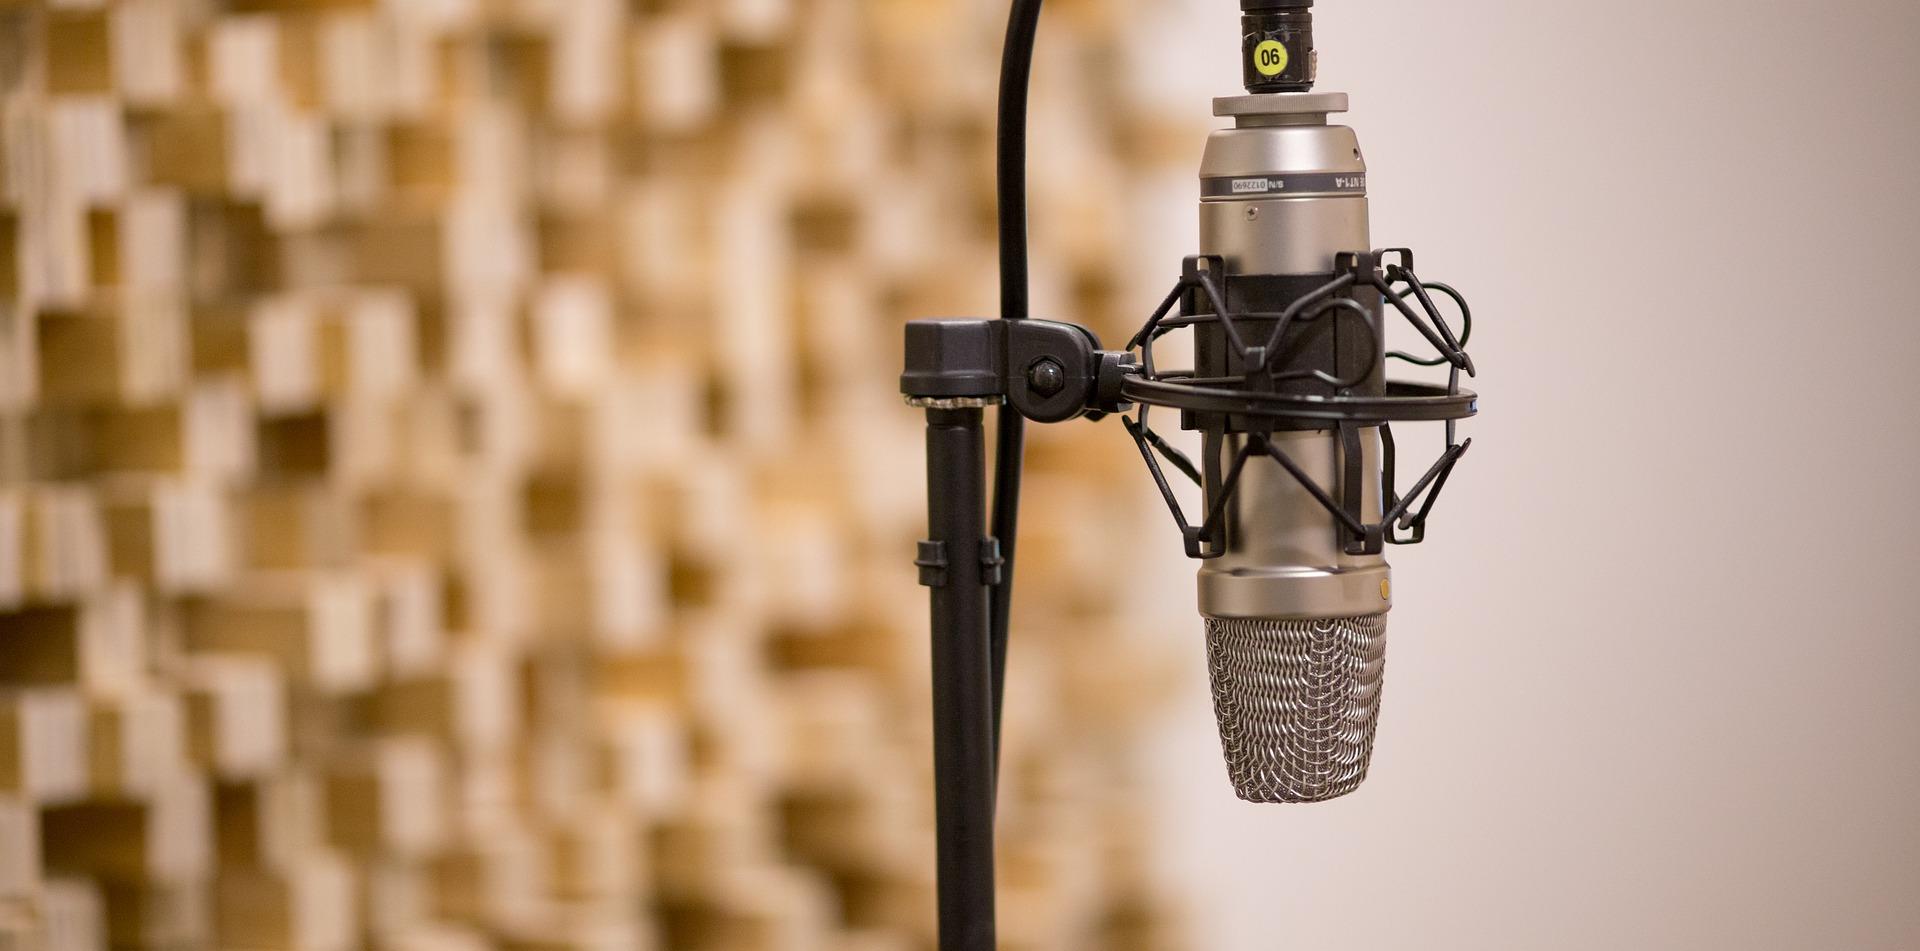 voix-puissance-allegro-musique